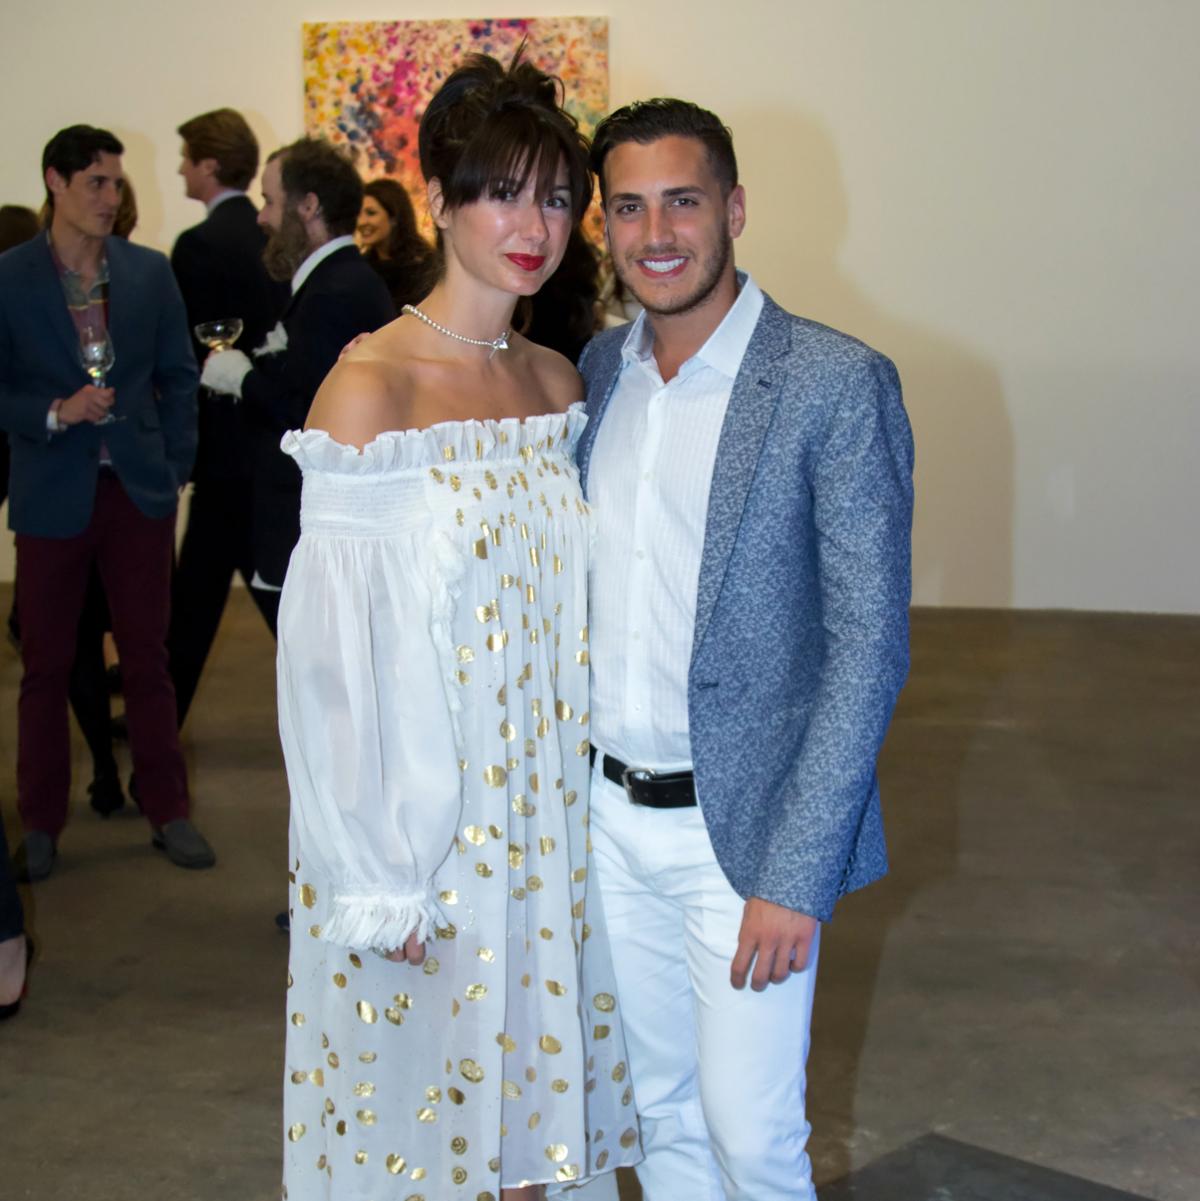 Jessica Watts, Vito Cammisano